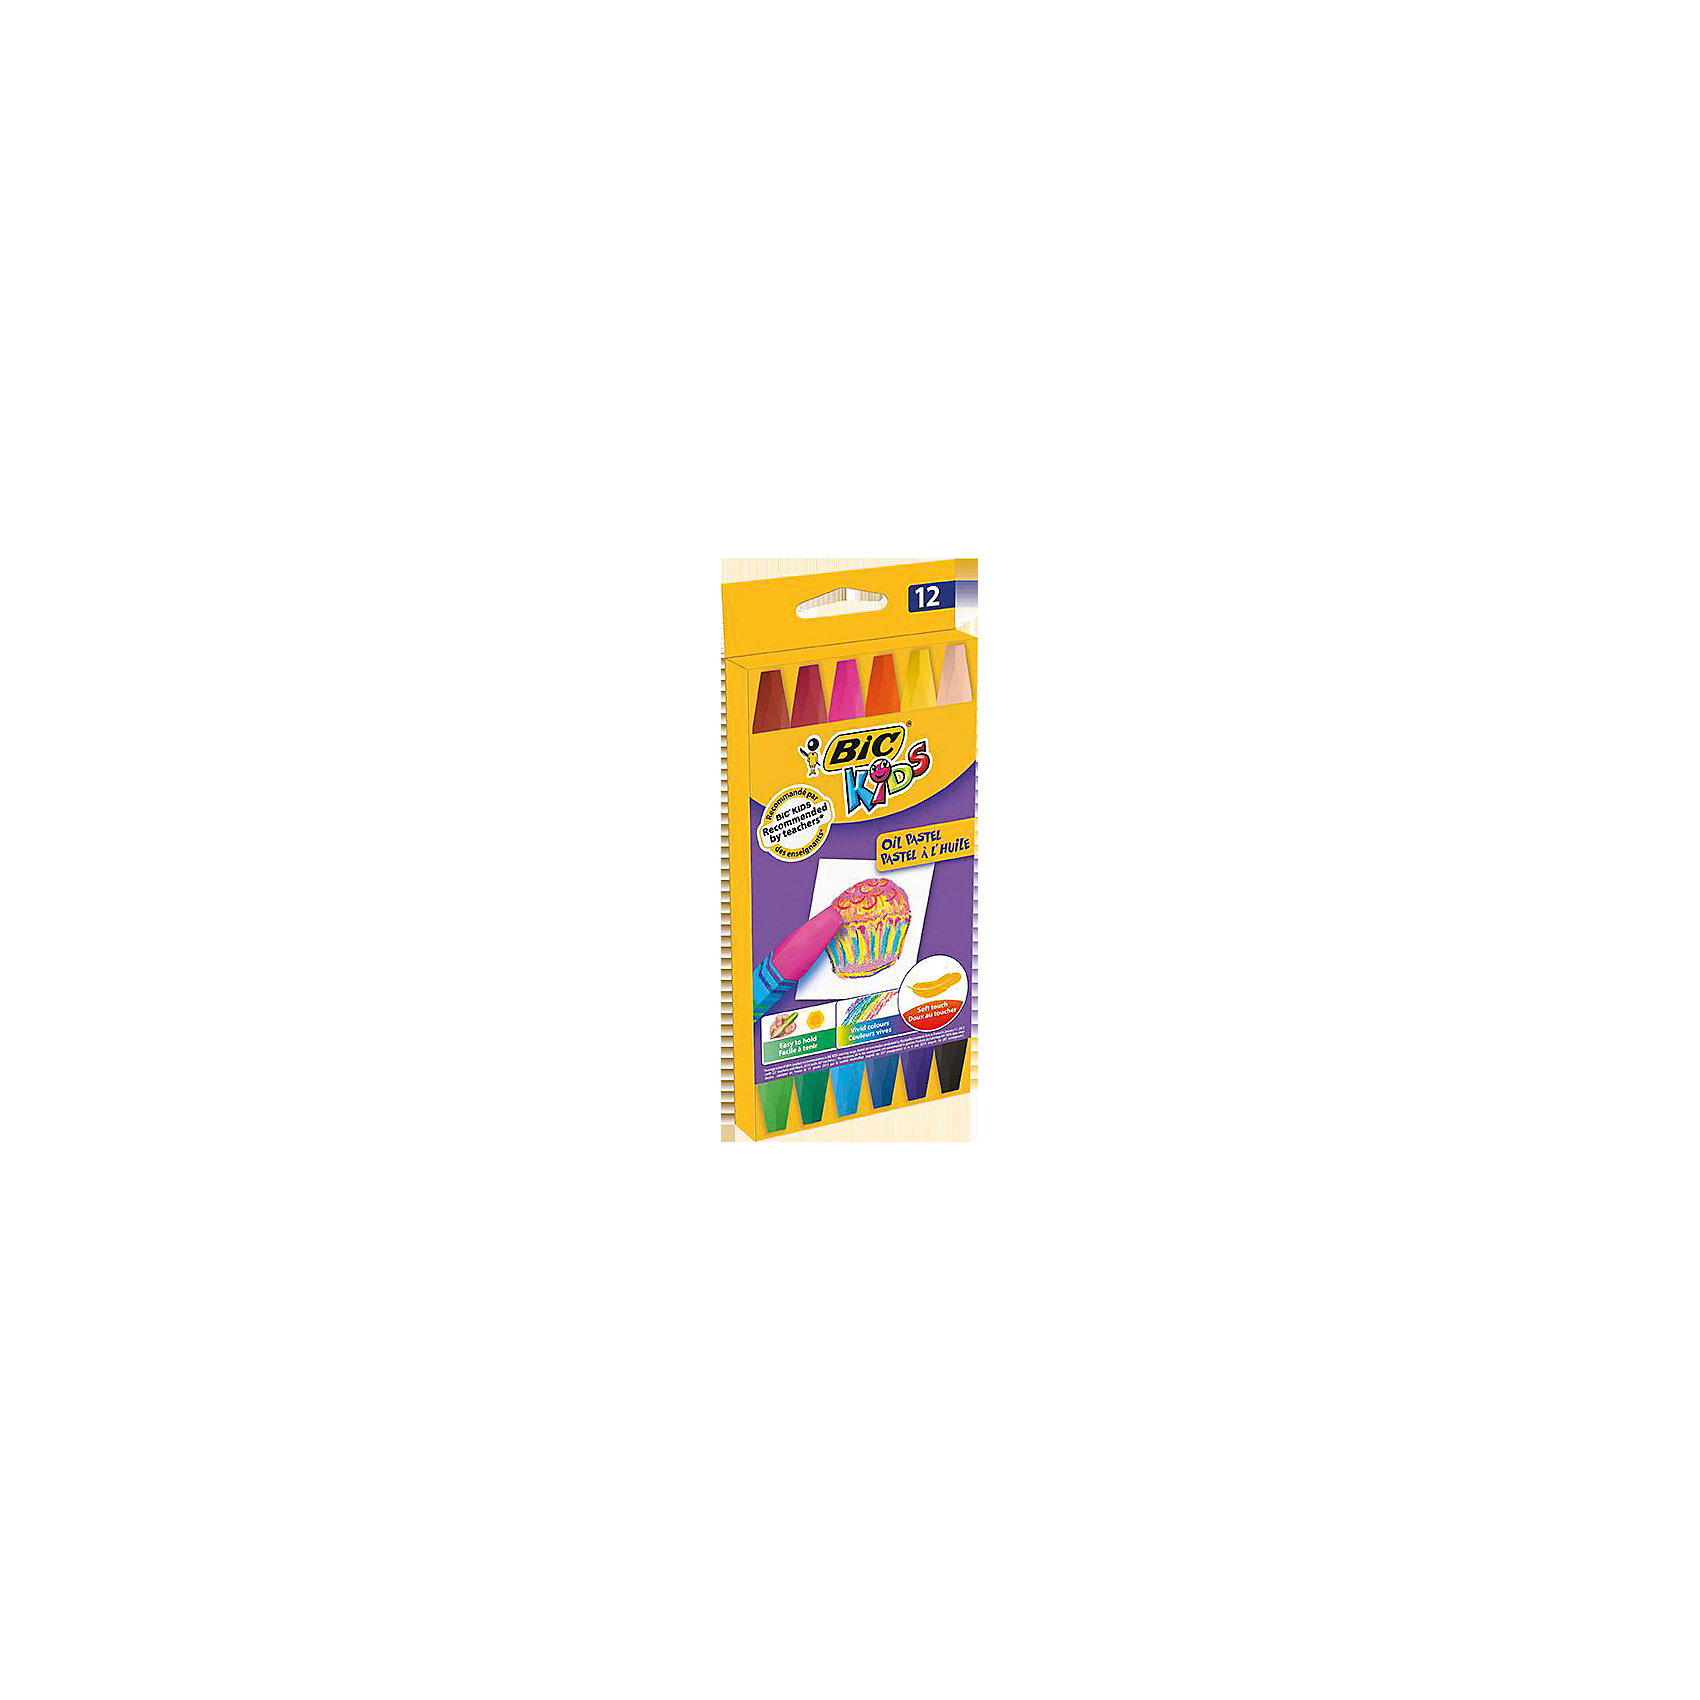 Пастель масляная BIC Kids, 12 цветовПастель Уголь<br>Пастель масляная BIC Kids, 12 цветов.<br><br>Характеристики:<br><br>• Для детей в возрасте: от 3 лет<br>• В наборе: 12 разноцветных пастельных масляных мелков<br>• Упаковка: картонная коробка с европодвесом<br>• Размер упаковки: 20х10х2 см.<br>• Вес: 115 гр.<br><br>Набор пастельных мелков BIC Kids отлично подойдет для начинающих художников. Набор включает 12 разноцветных мелков, каждый из которых завернут в бумажную оболочку. Не крошится при рисовании, мягко ложится на бумагу.<br><br>Пастель масляную BIC Kids, 12 цветов можно купить в нашем интернет-магазине.<br><br>Ширина мм: 16<br>Глубина мм: 90<br>Высота мм: 202<br>Вес г: 107<br>Возраст от месяцев: 36<br>Возраст до месяцев: 192<br>Пол: Унисекс<br>Возраст: Детский<br>SKU: 5530020